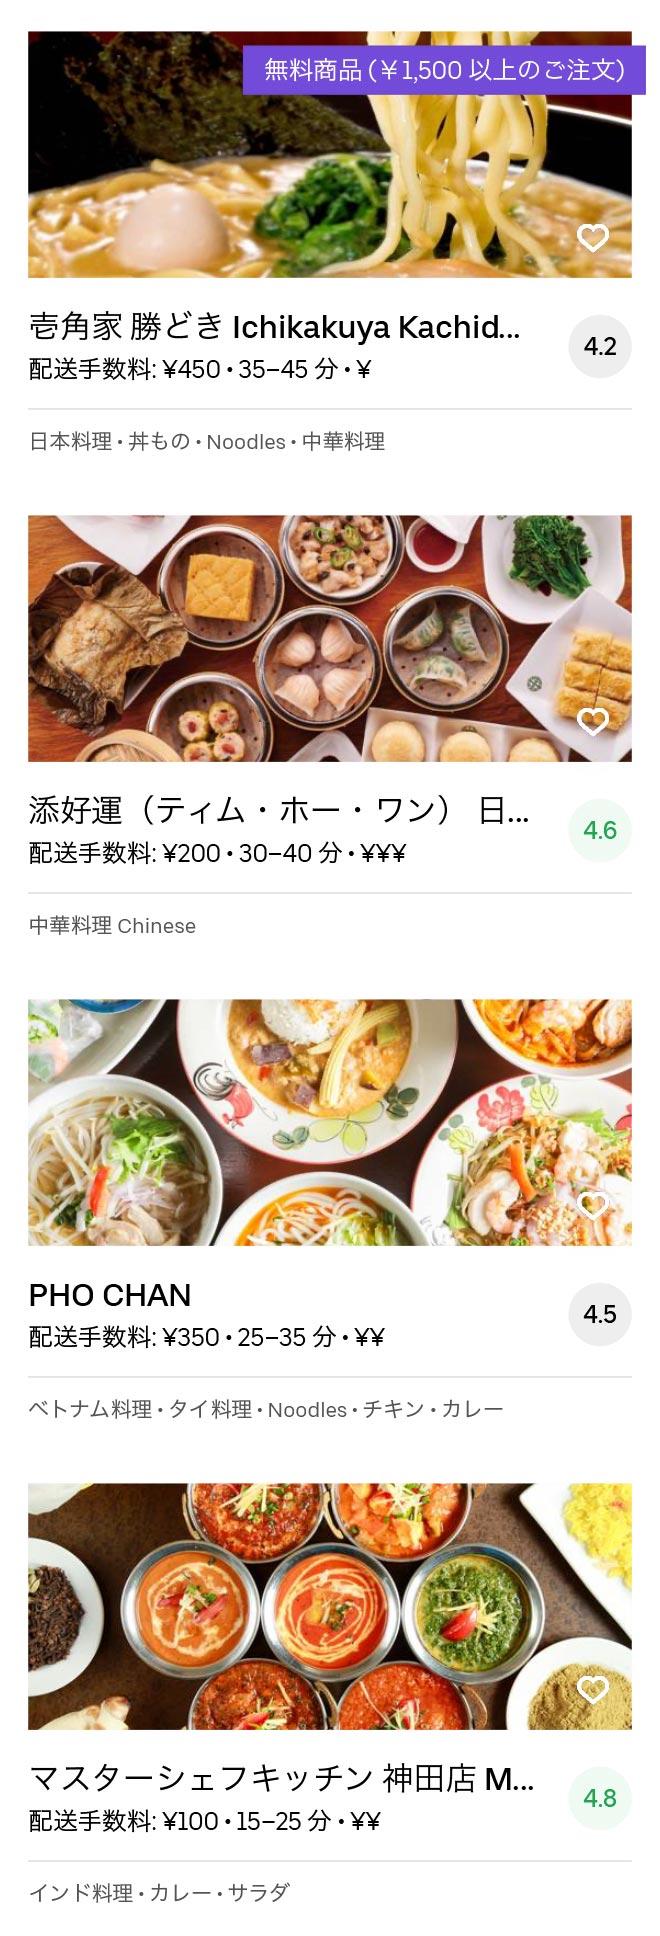 Tokyo otemachi menu 2005 06